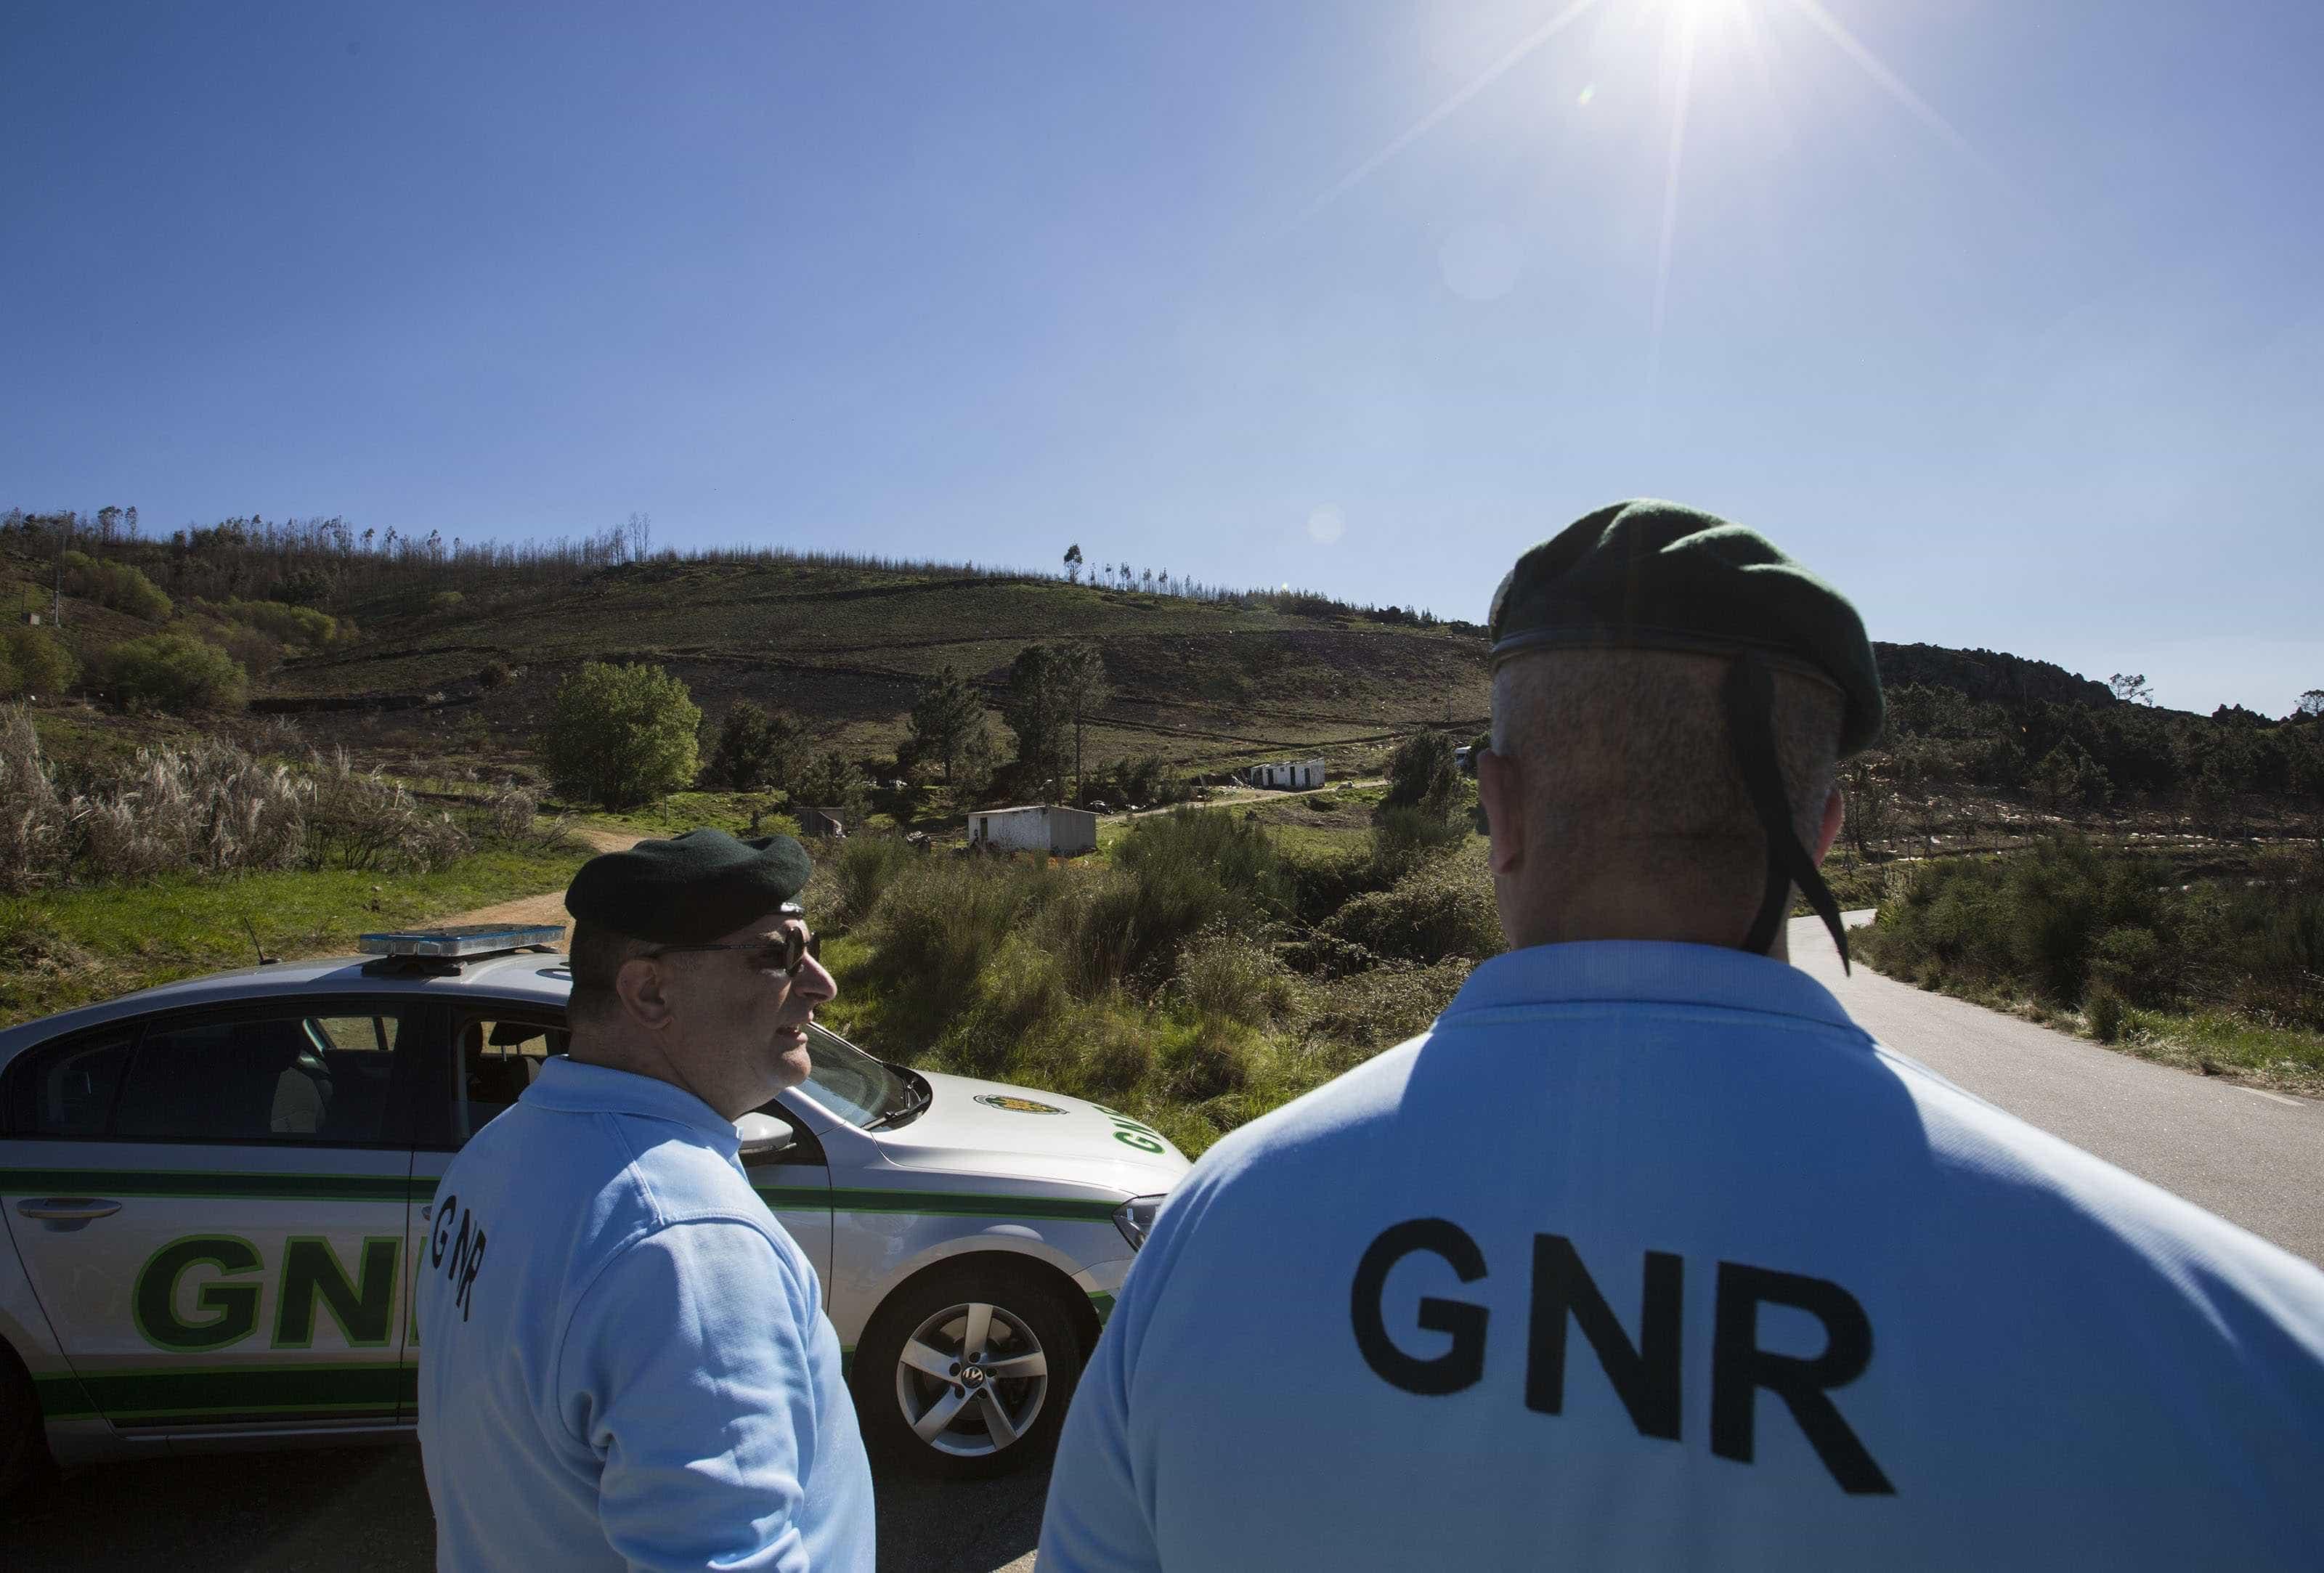 Mais de 170 detidos em flagrante pela GNR no fim de semana